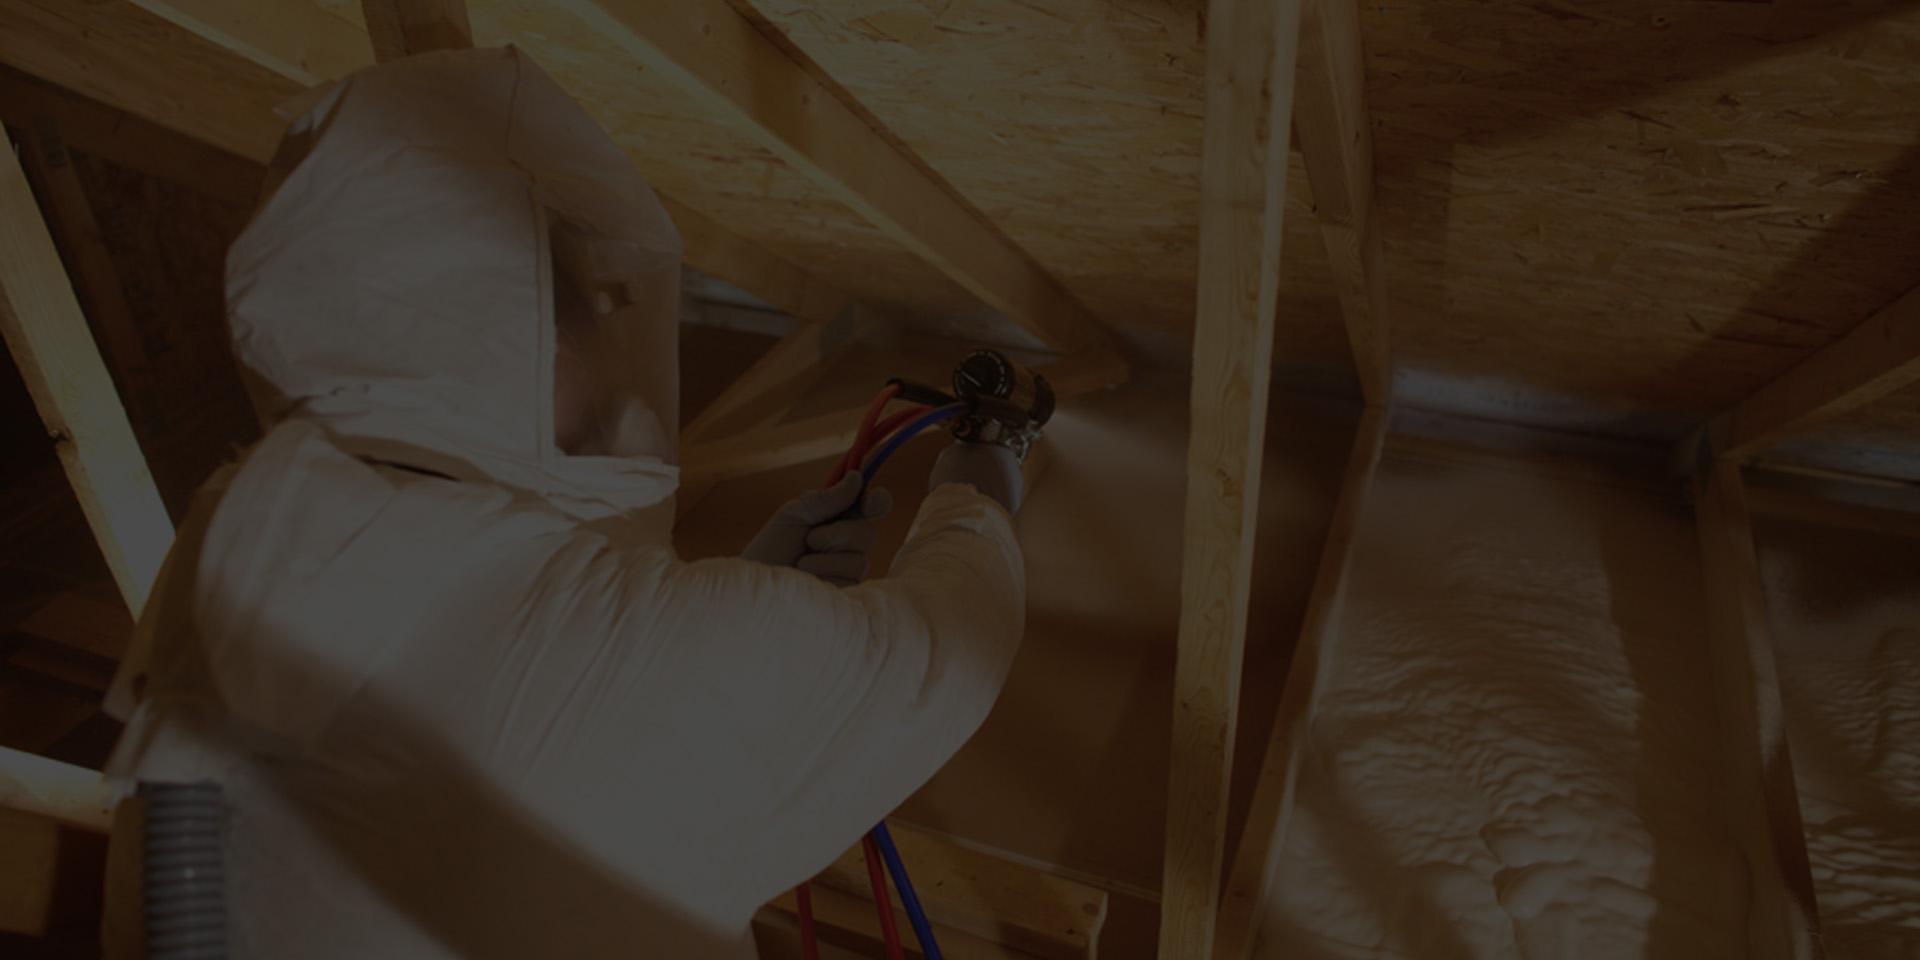 Minőségi anyagokkal végzett, szakszerű tetőtér szigetelést igényelhet